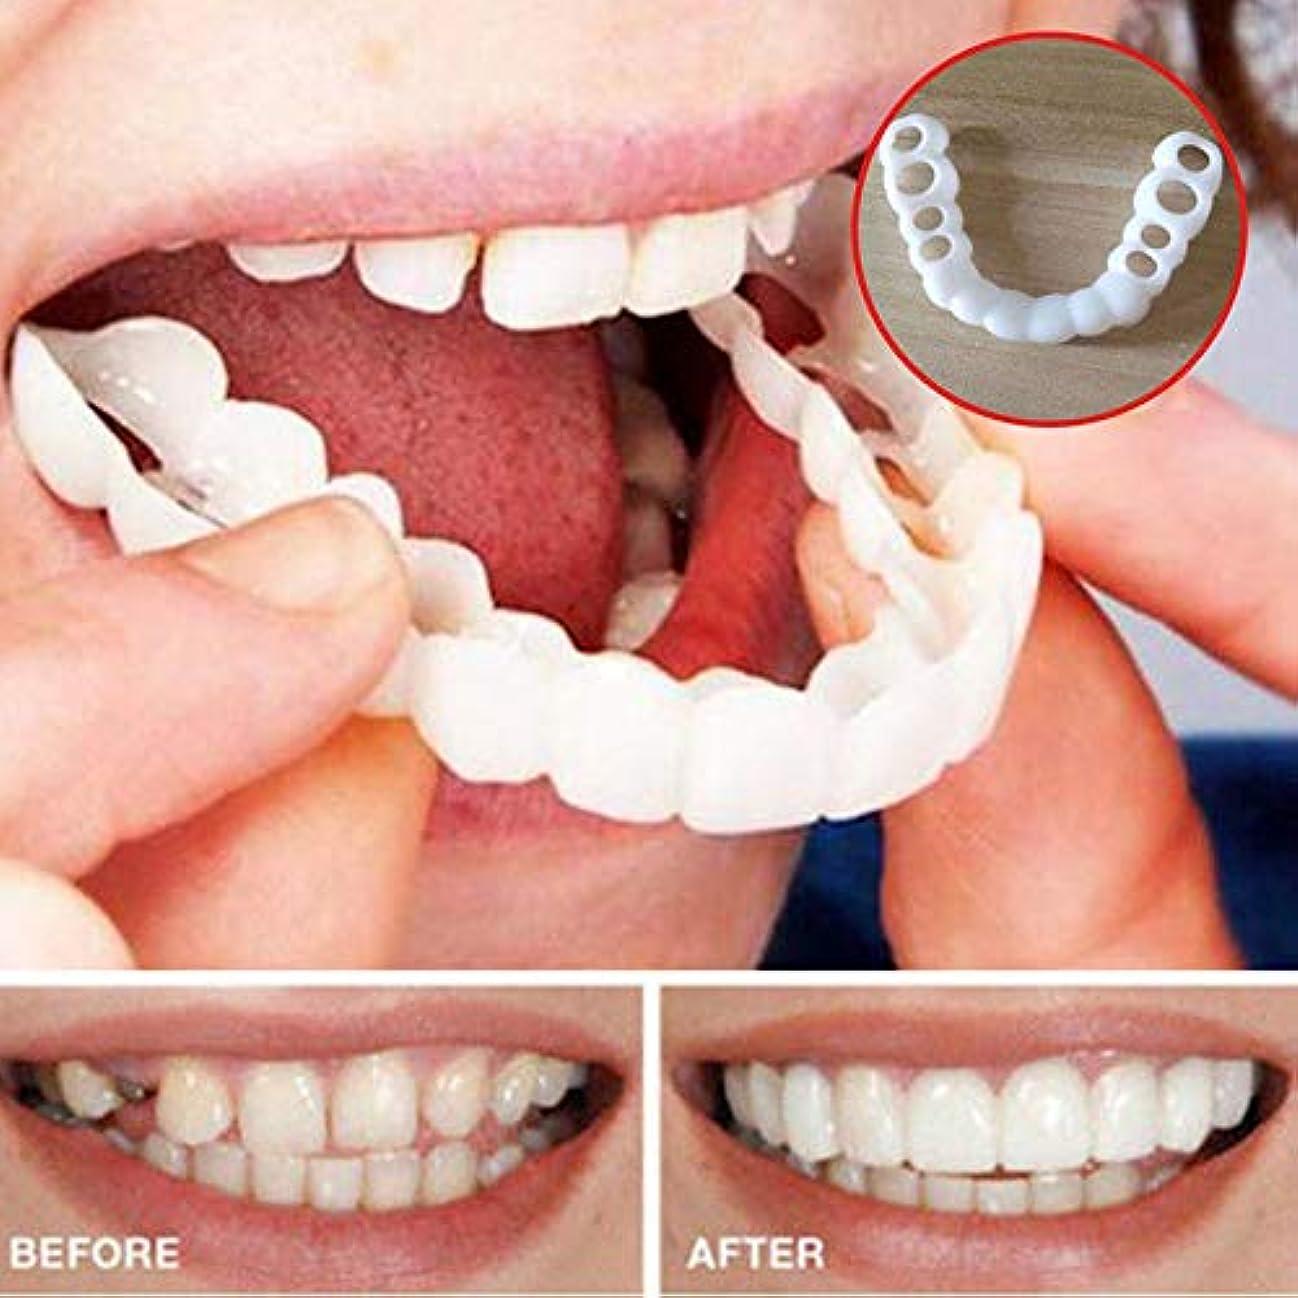 競合他社選手気配りのあるバンガローシリコンシミュレーション歯ホワイトニングブレース(2個),Upper